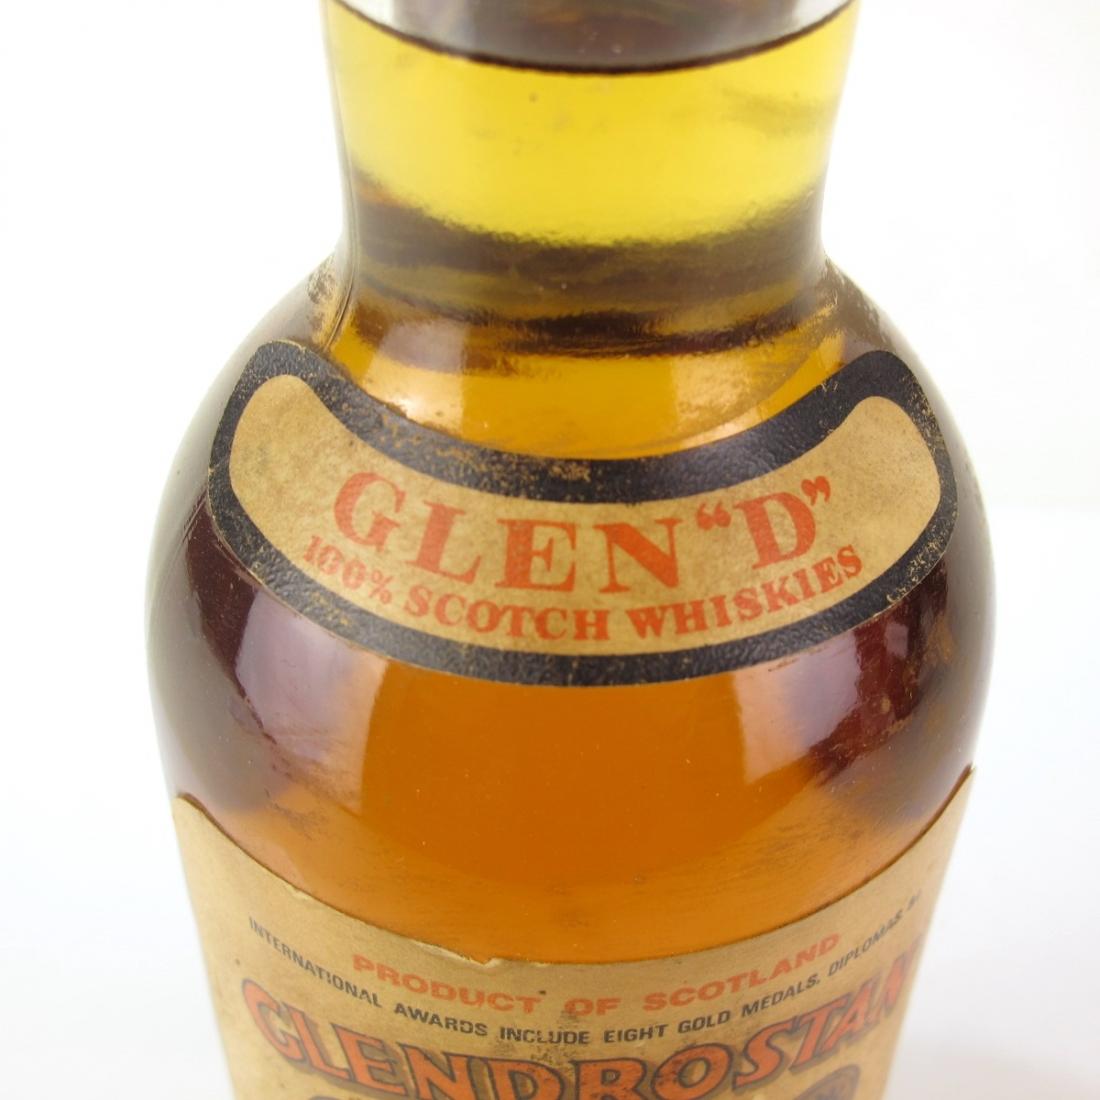 Glendrostan 1970s